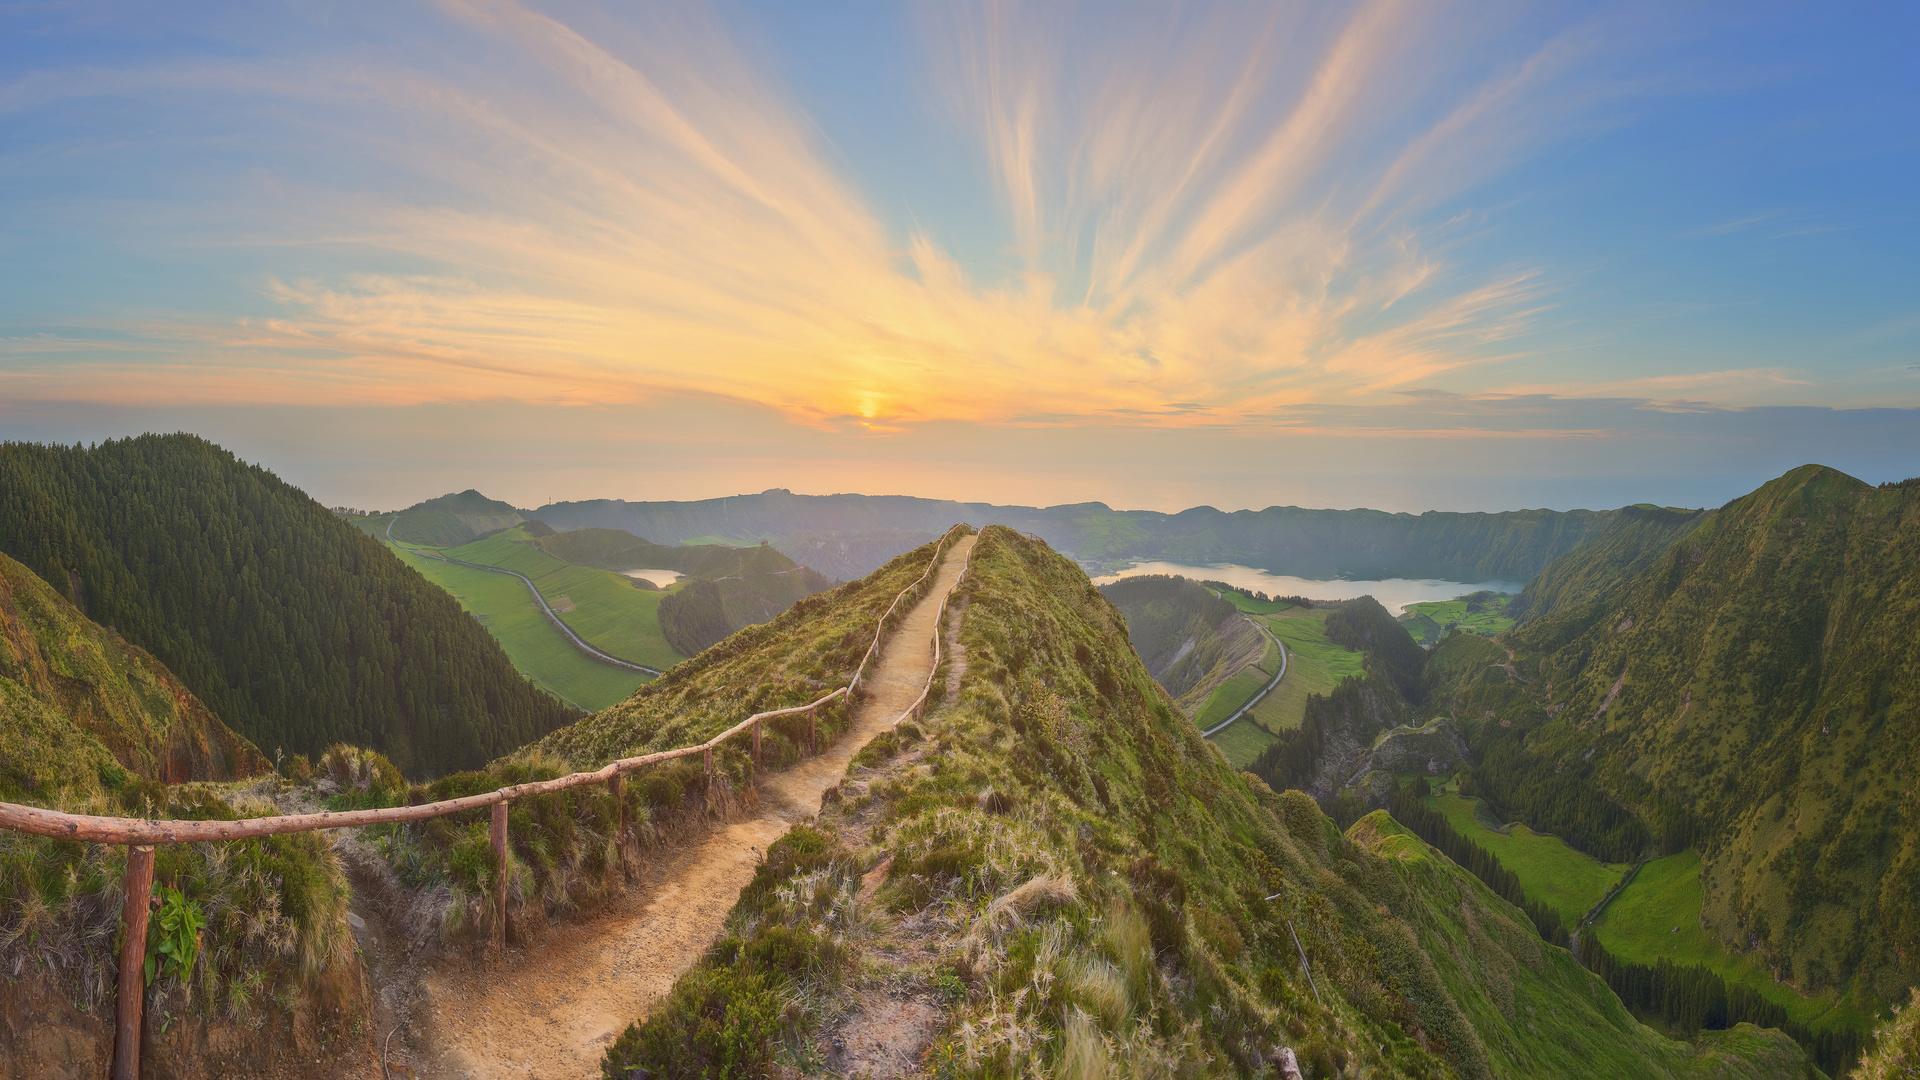 португалия, рассвет, природа, тропинка, холмы